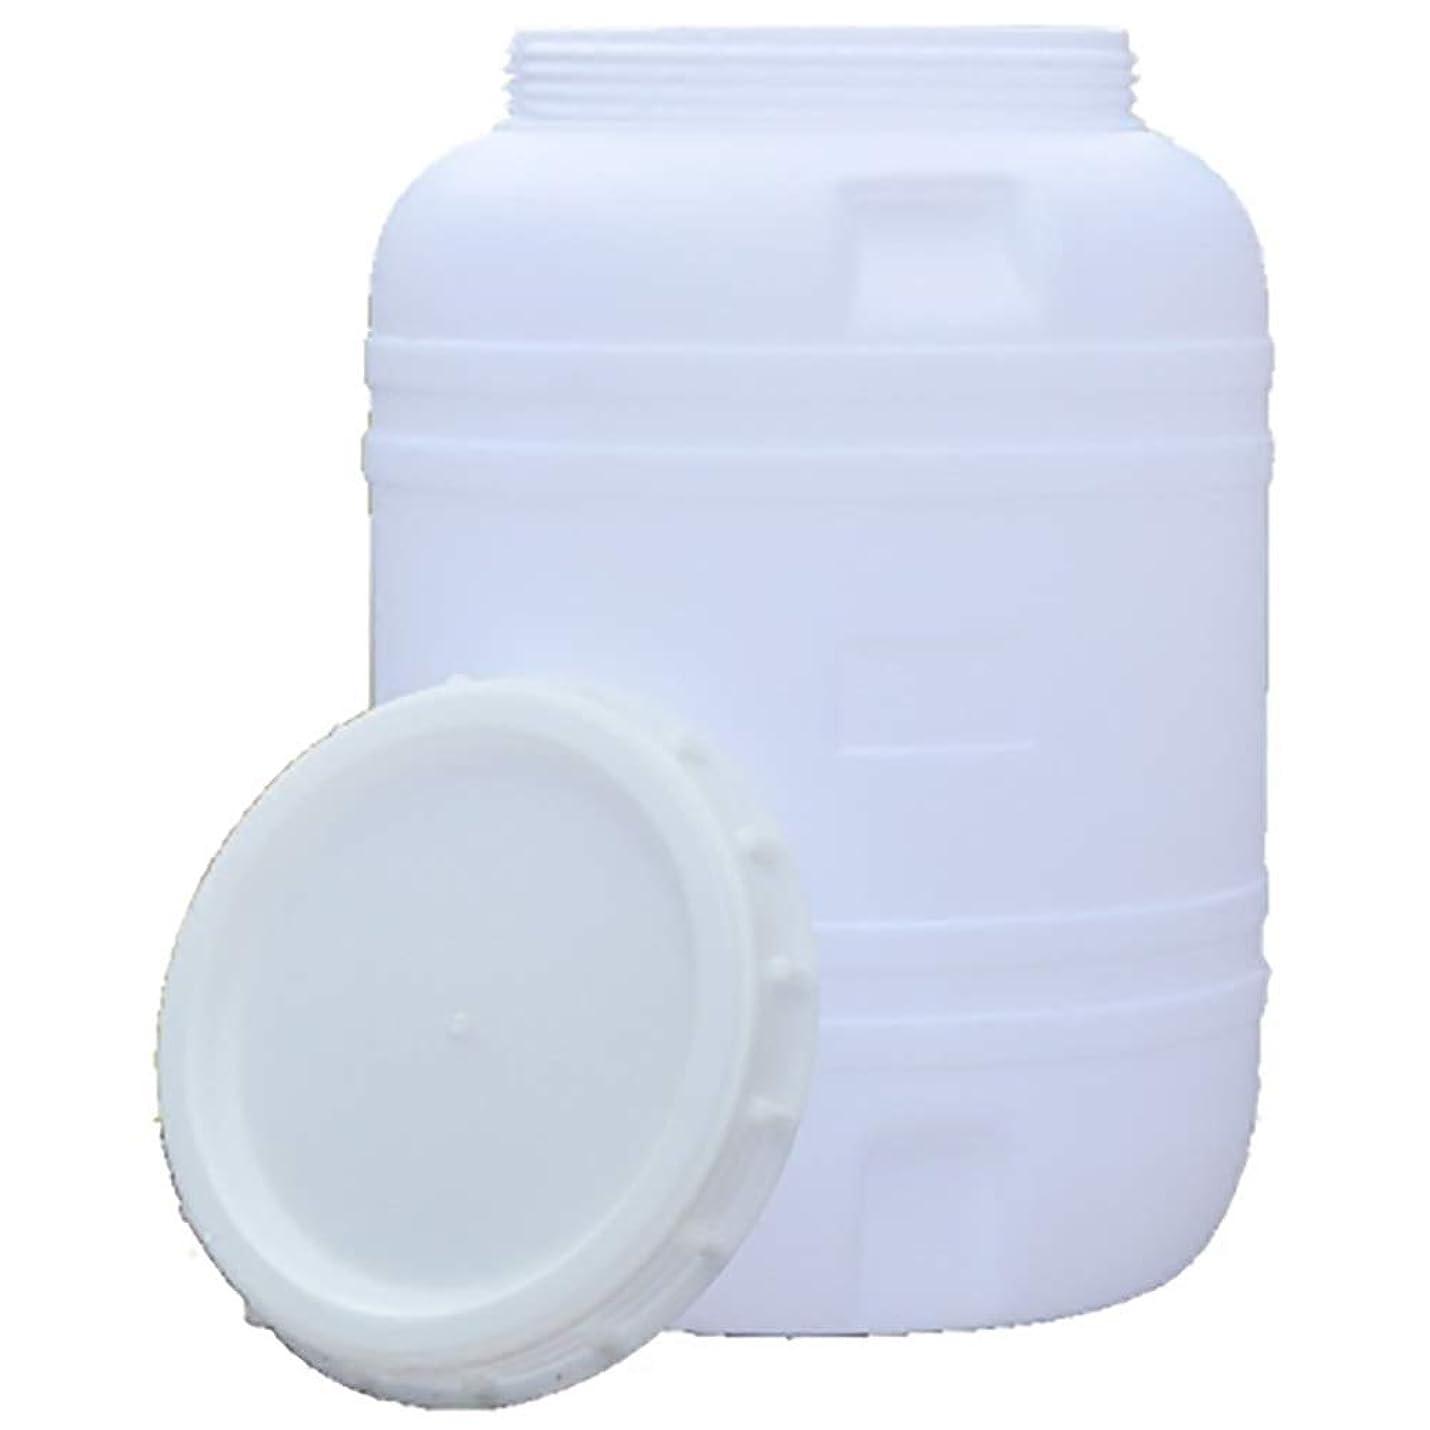 ビジネス発動機シロナガスクジラウォータータンク 食品グレードのプラスチックは厚いネットバケット大型貯蔵タンク貯蔵タンクのふた外槽家庭の水容器をドラム (Size : 25L)